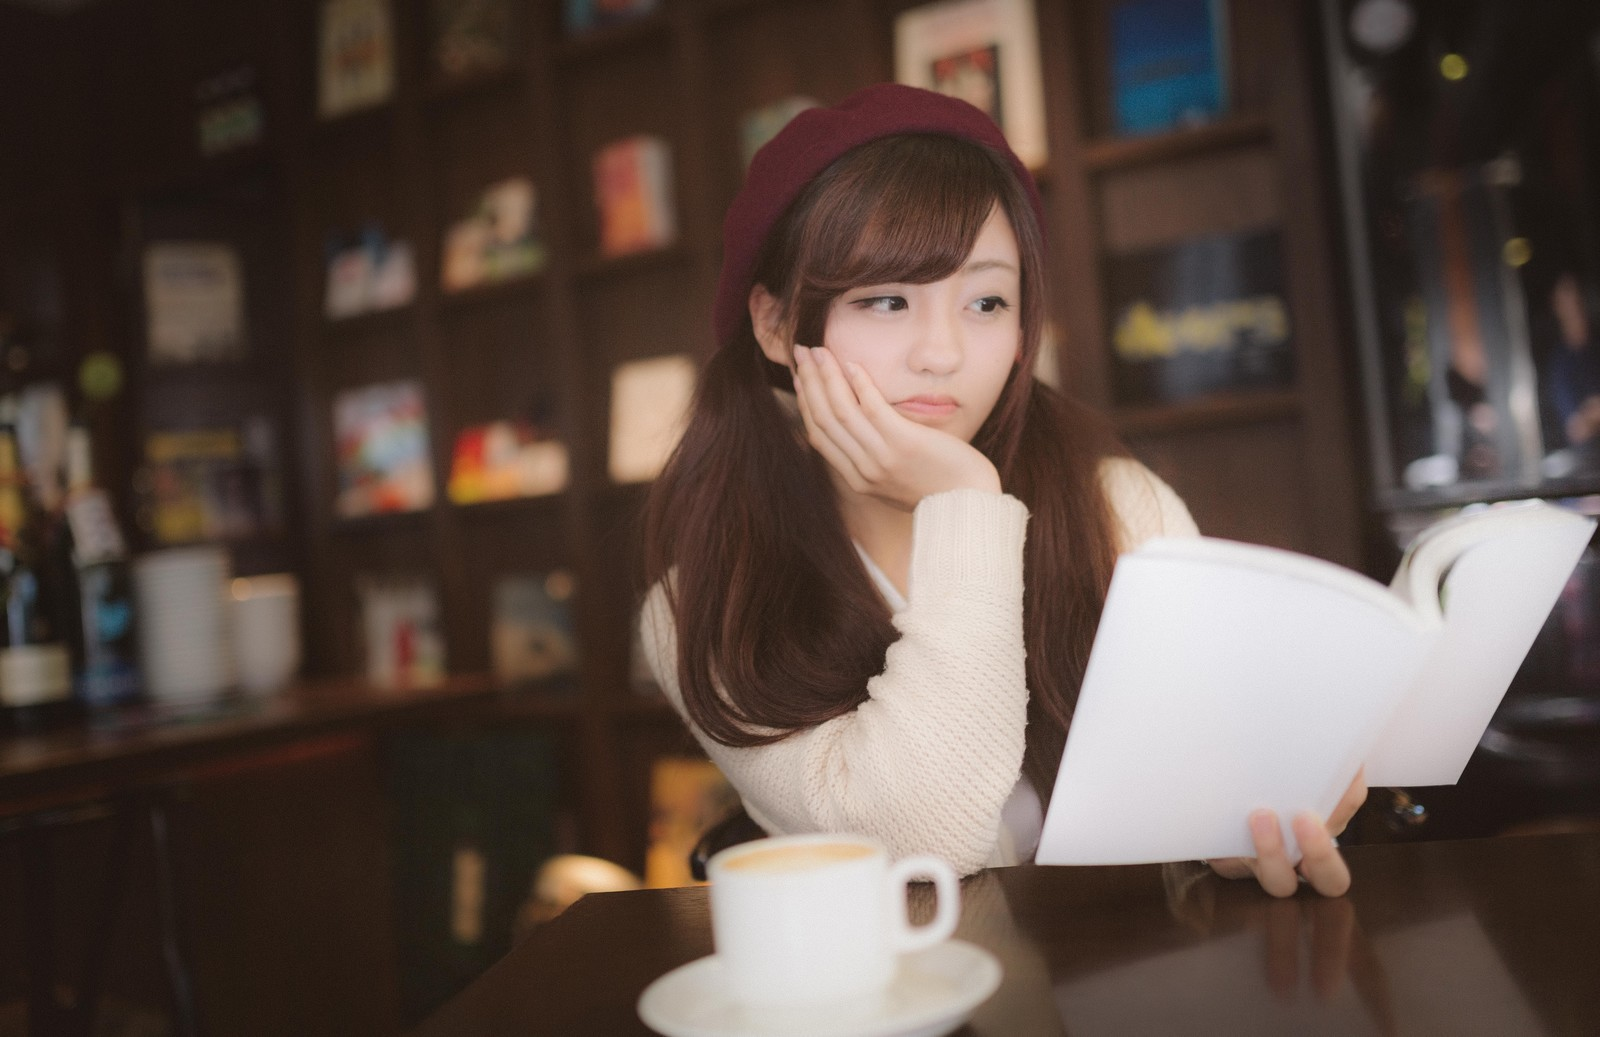 久保田が物件購入すればするほど読者さんは不利になるのか?